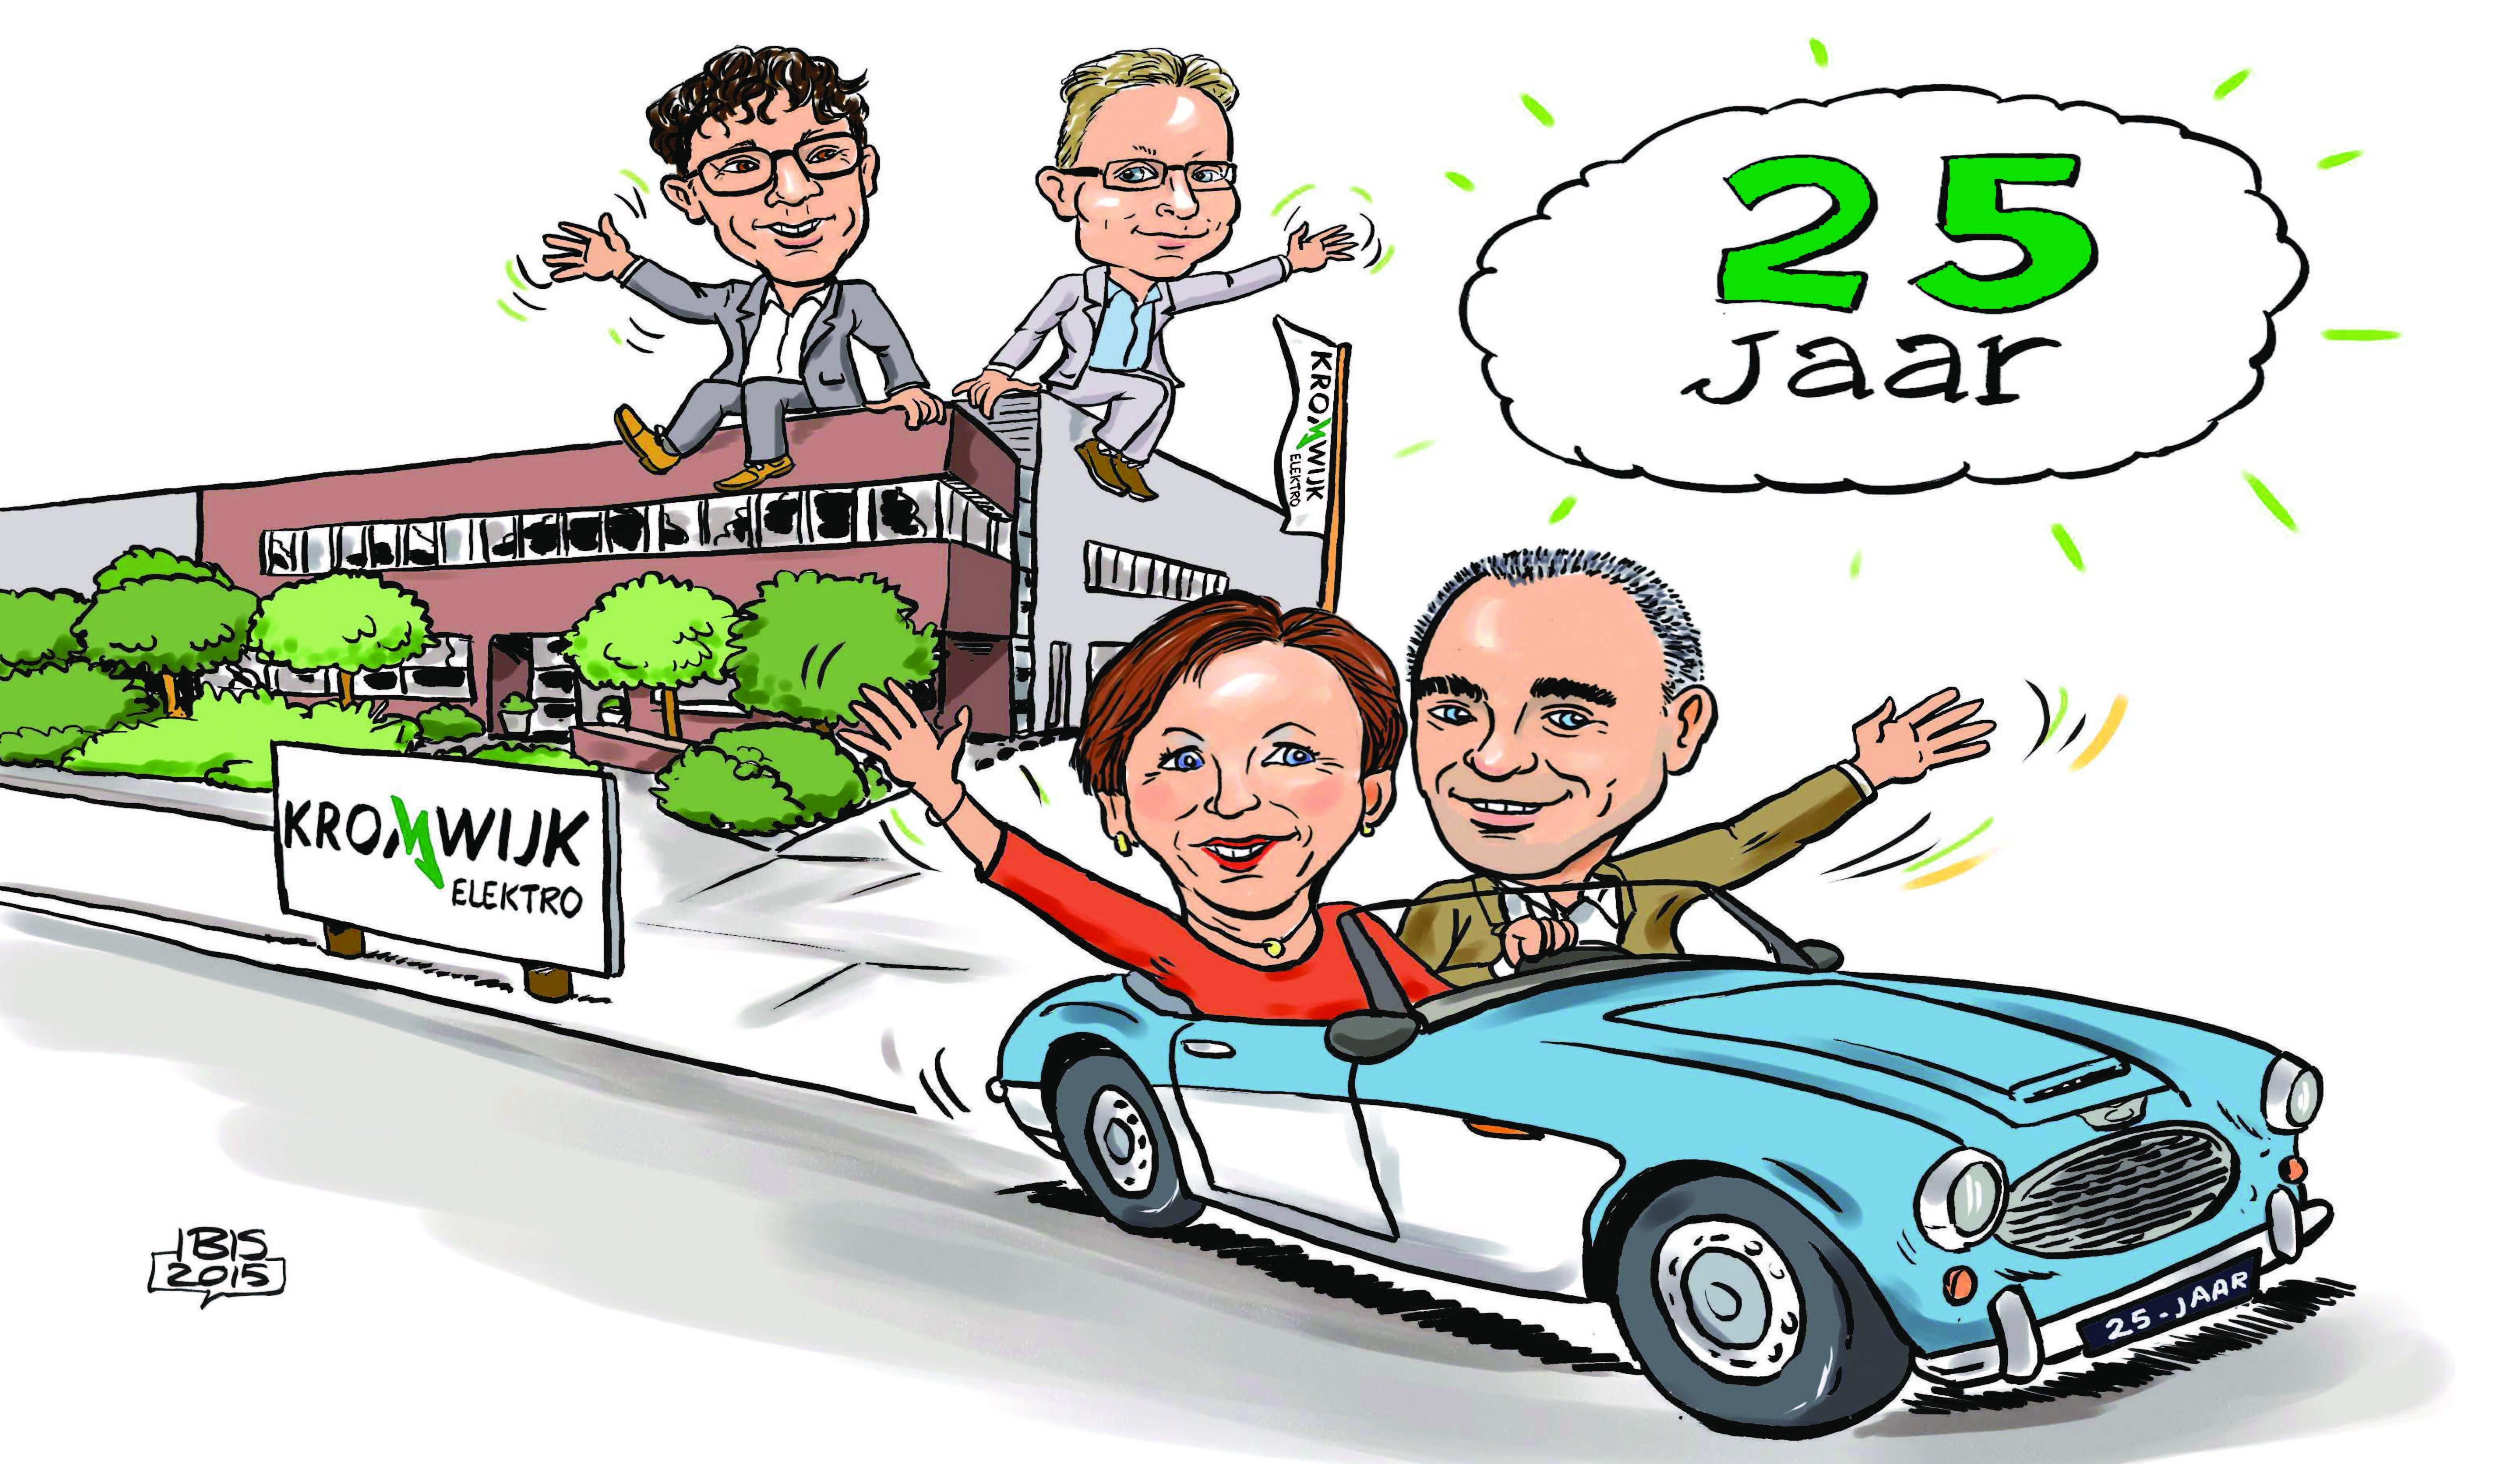 2015 Feestjaar voor Kromwijk Elektro